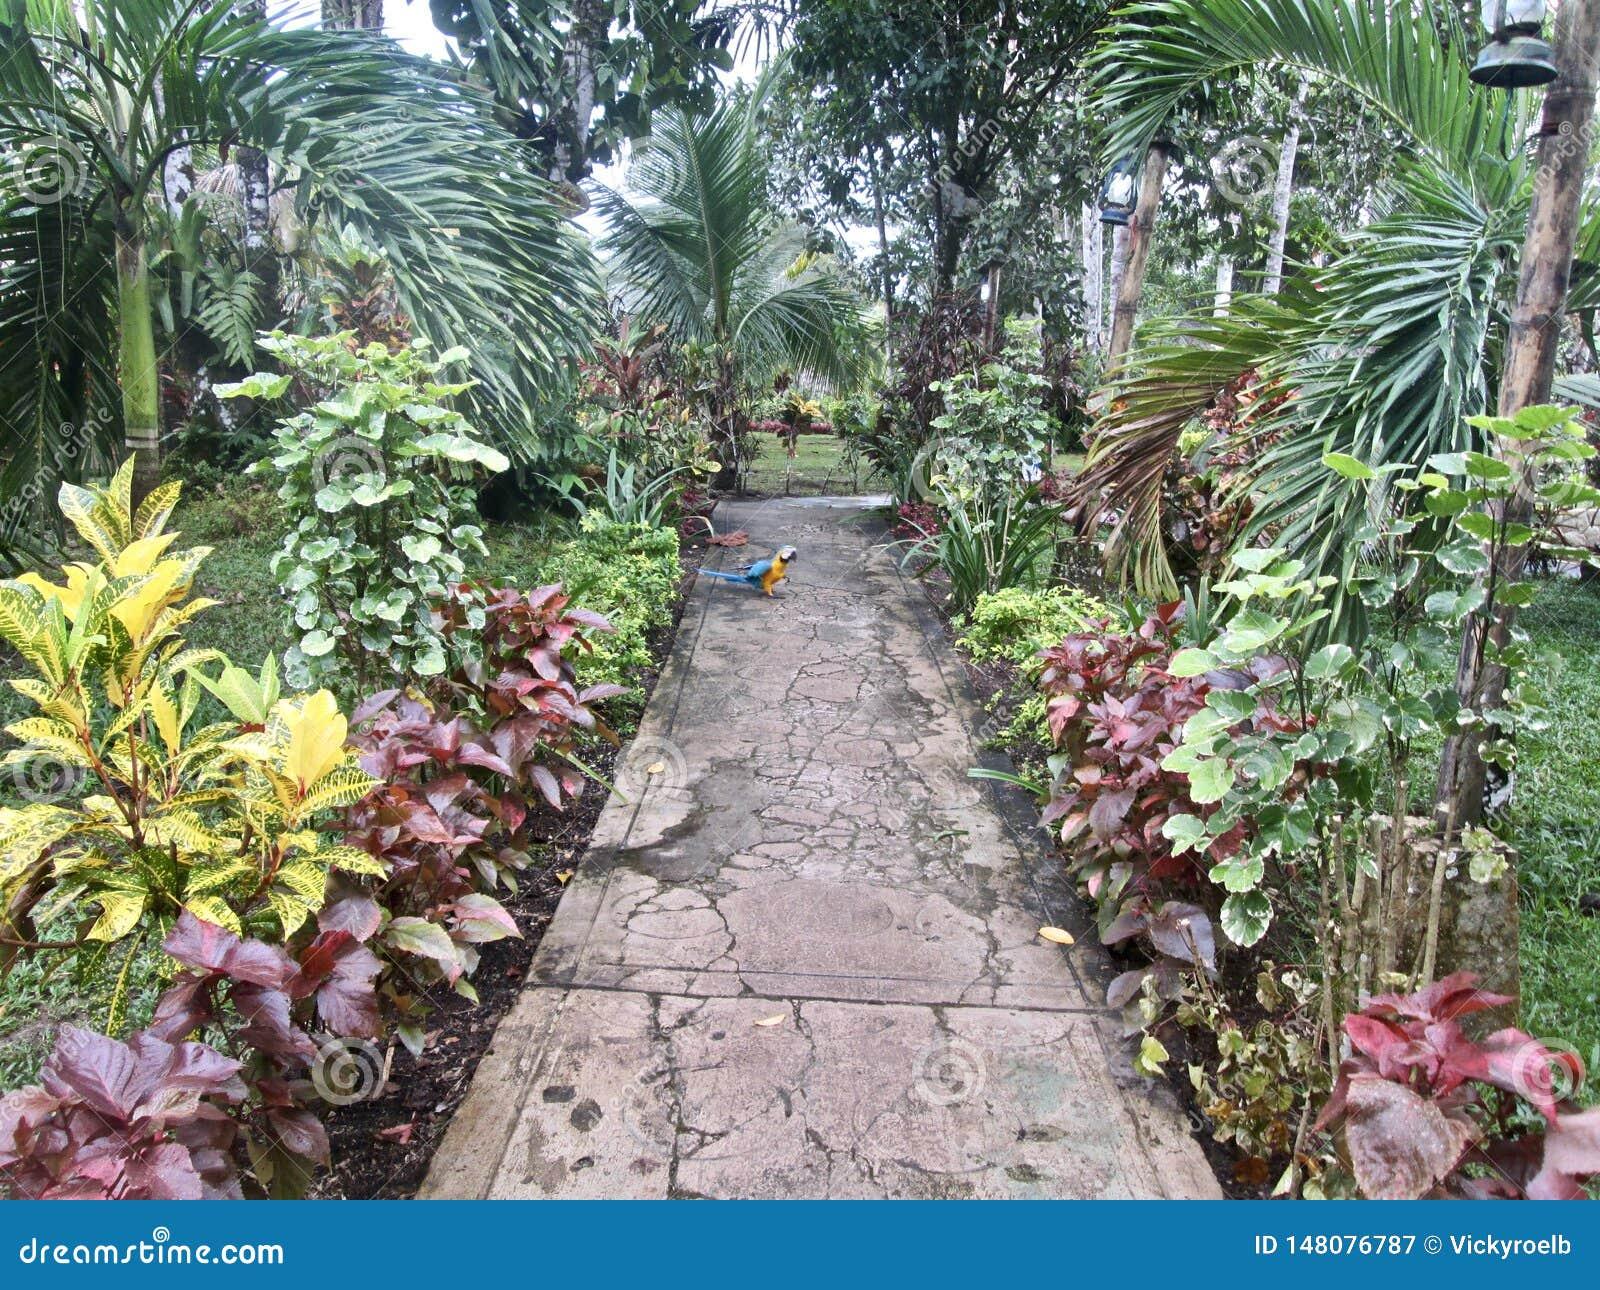 Chemin dans la jungle avec un perroquet